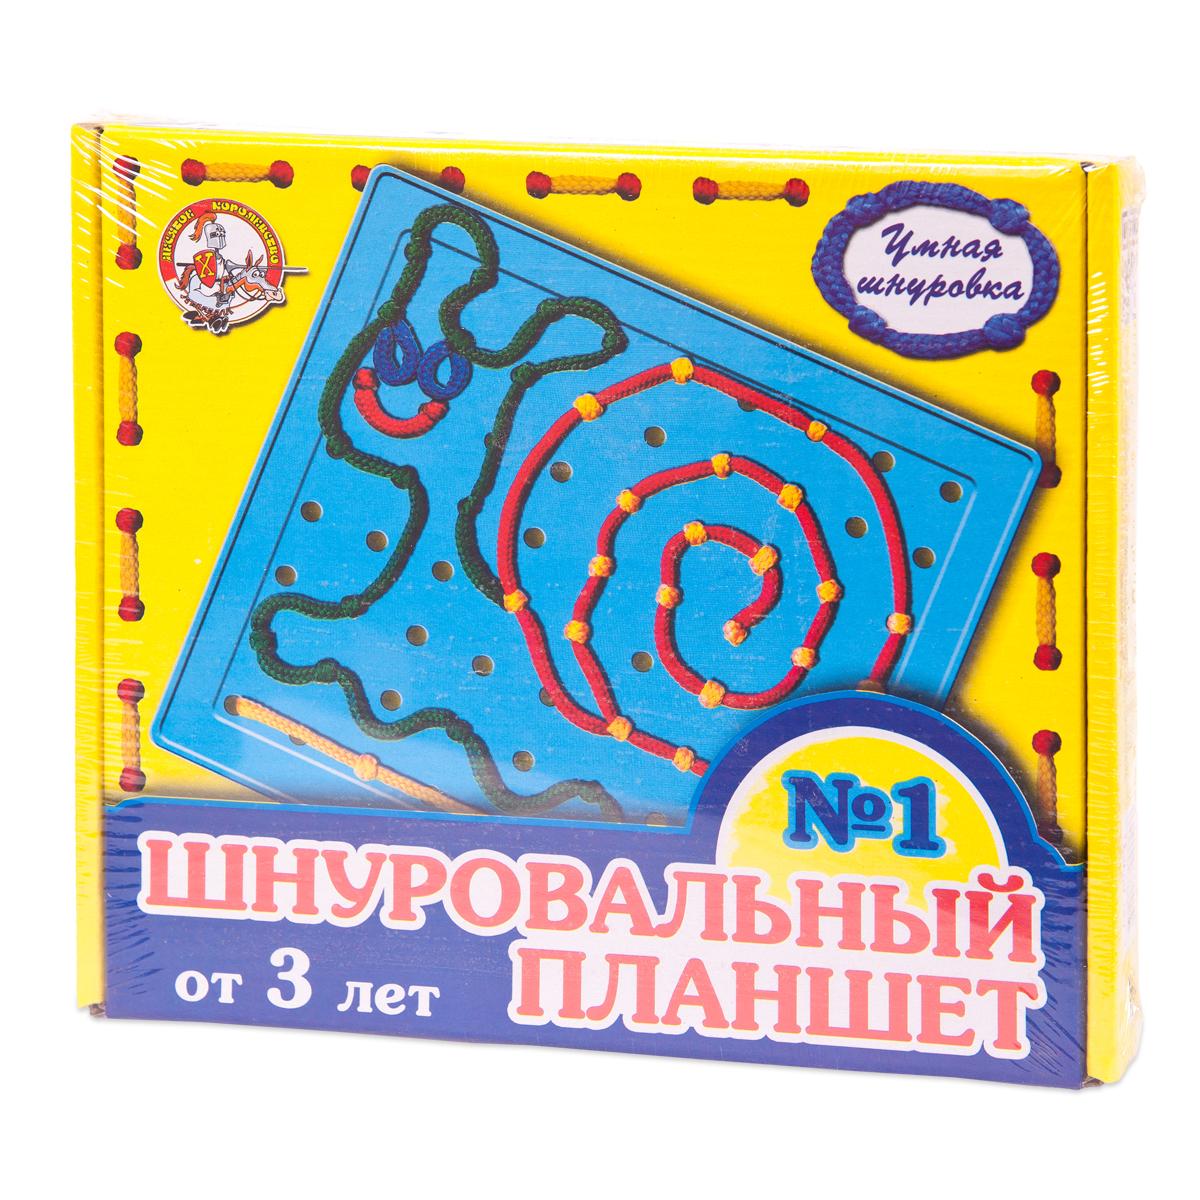 Планшет Десятое королевство Шнуровальный-1 развивающие игрушки десятое королевство шнуровальный планшет 1 десятое королевство